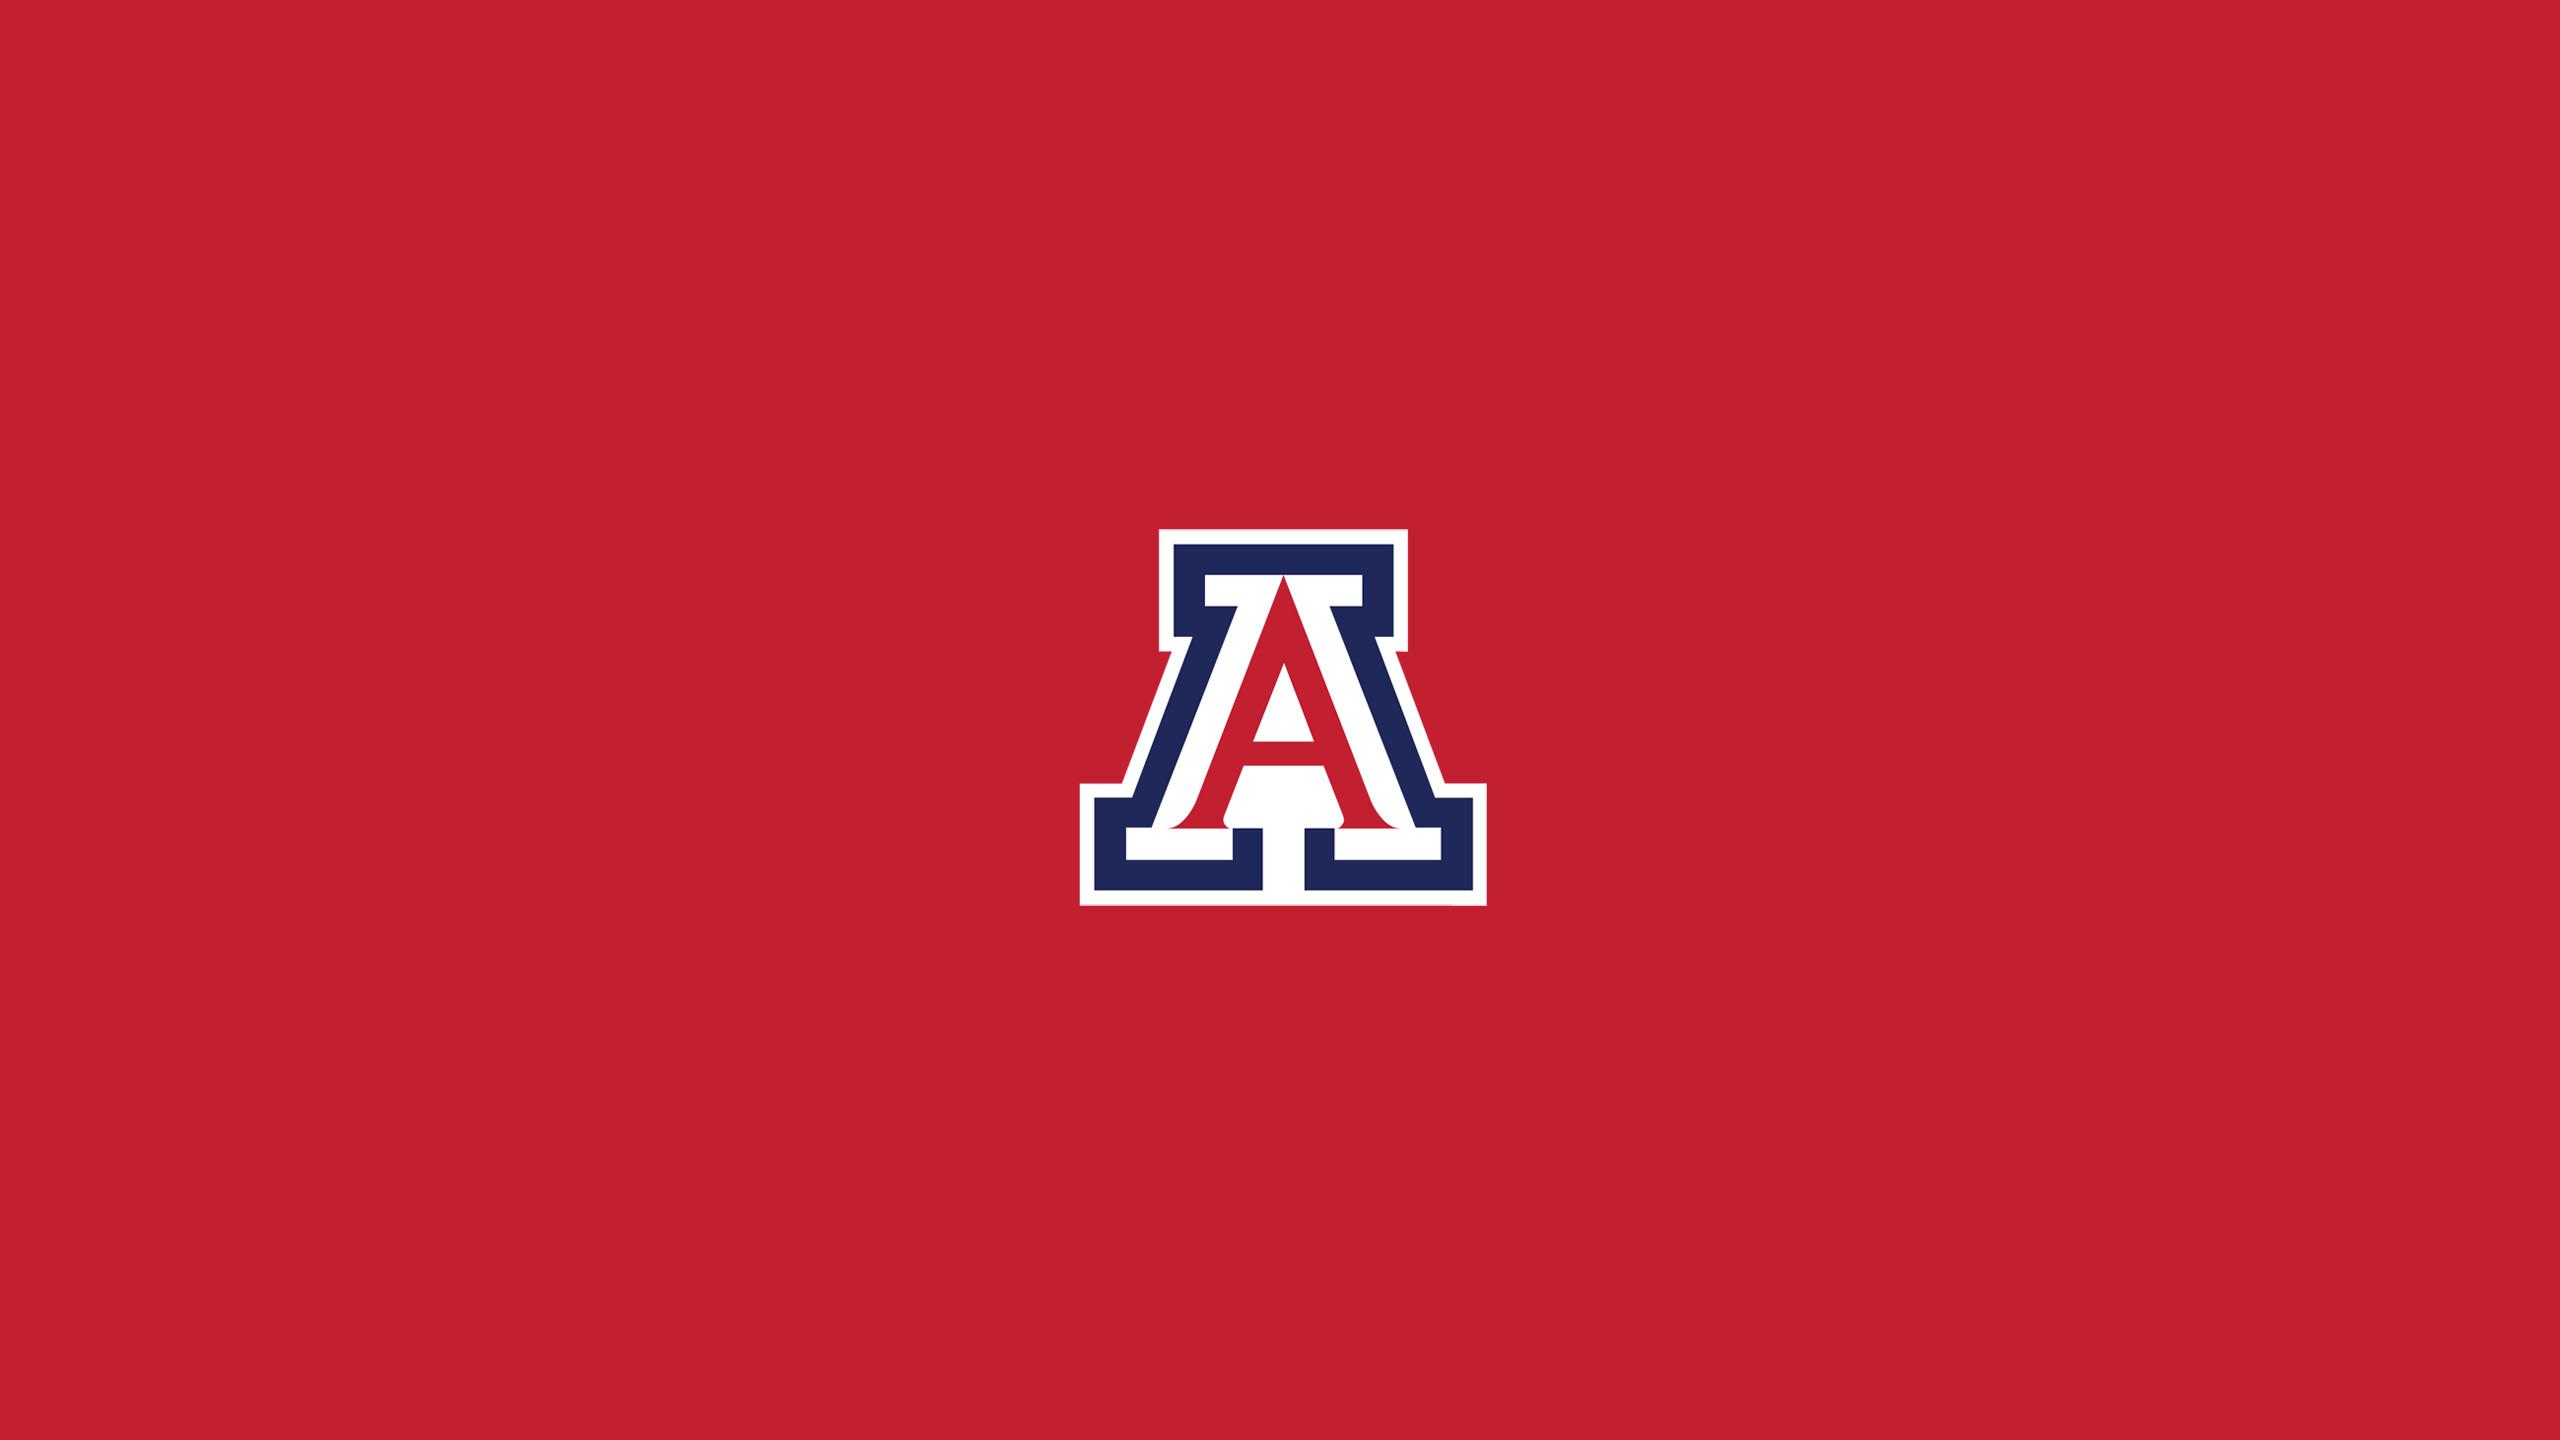 Arizona Wildcats Wallpaper | Free | Download